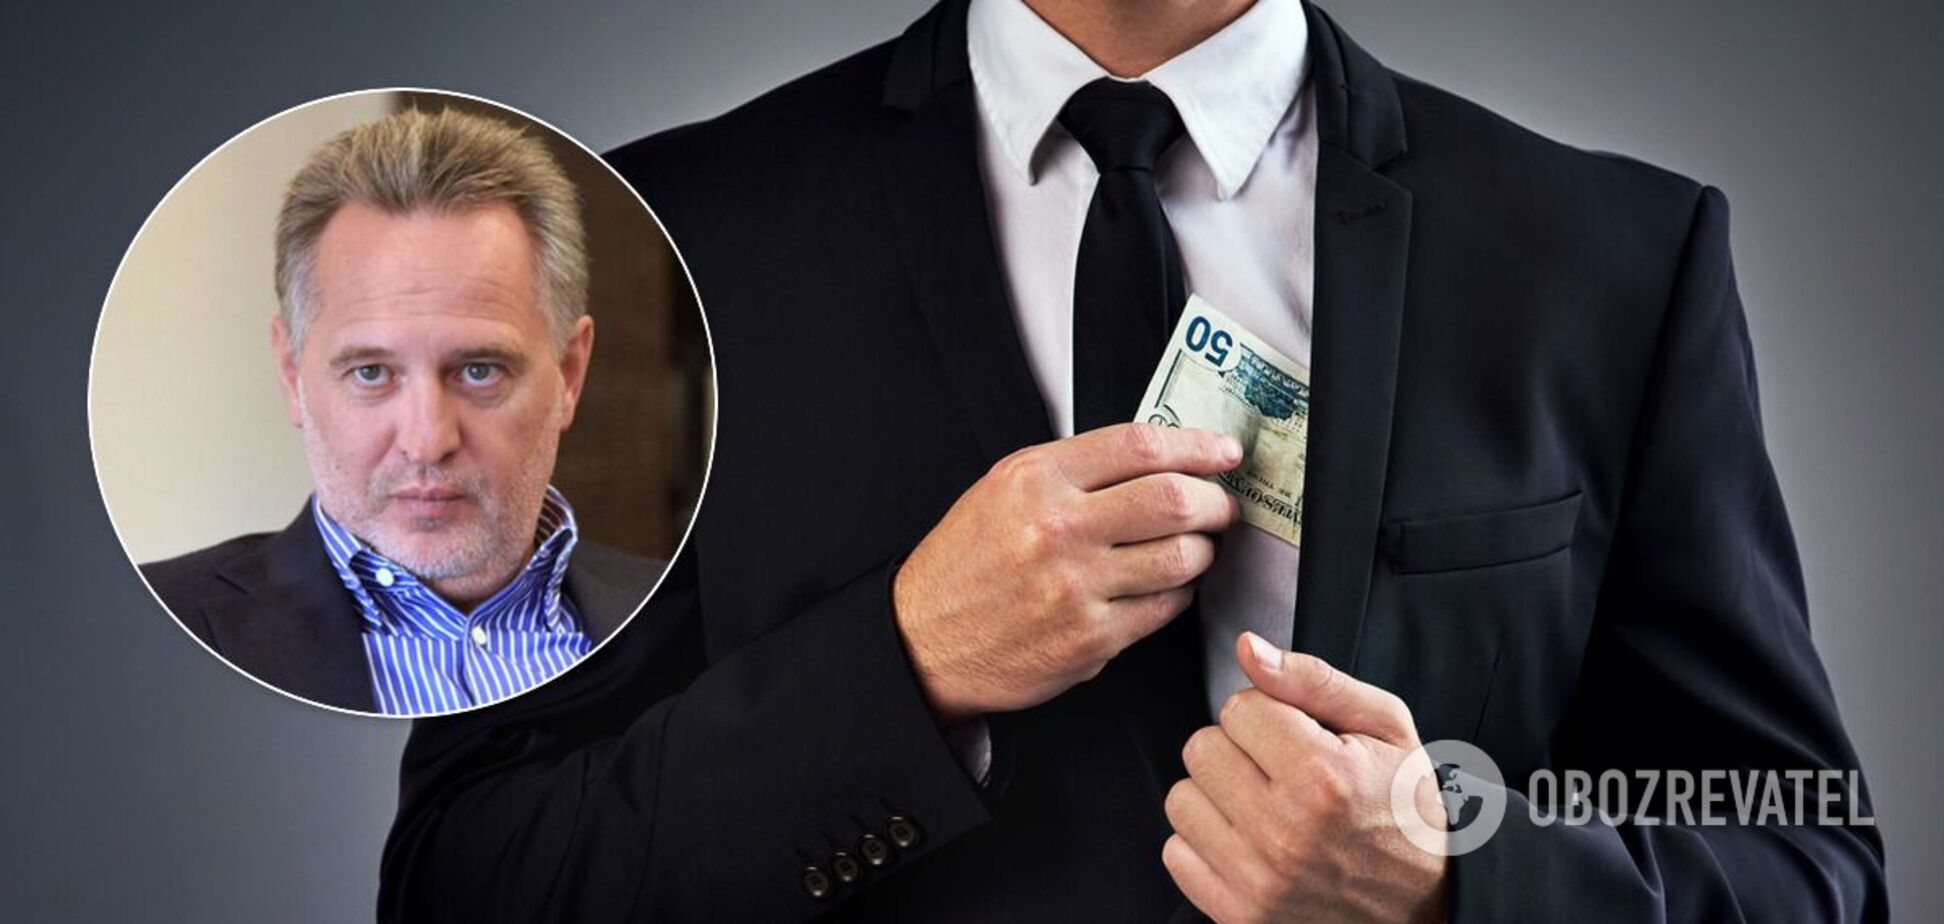 СМИ узнали, куда Фирташ потратил деньги НБУ, выданные на спасение 'Надра Банка'